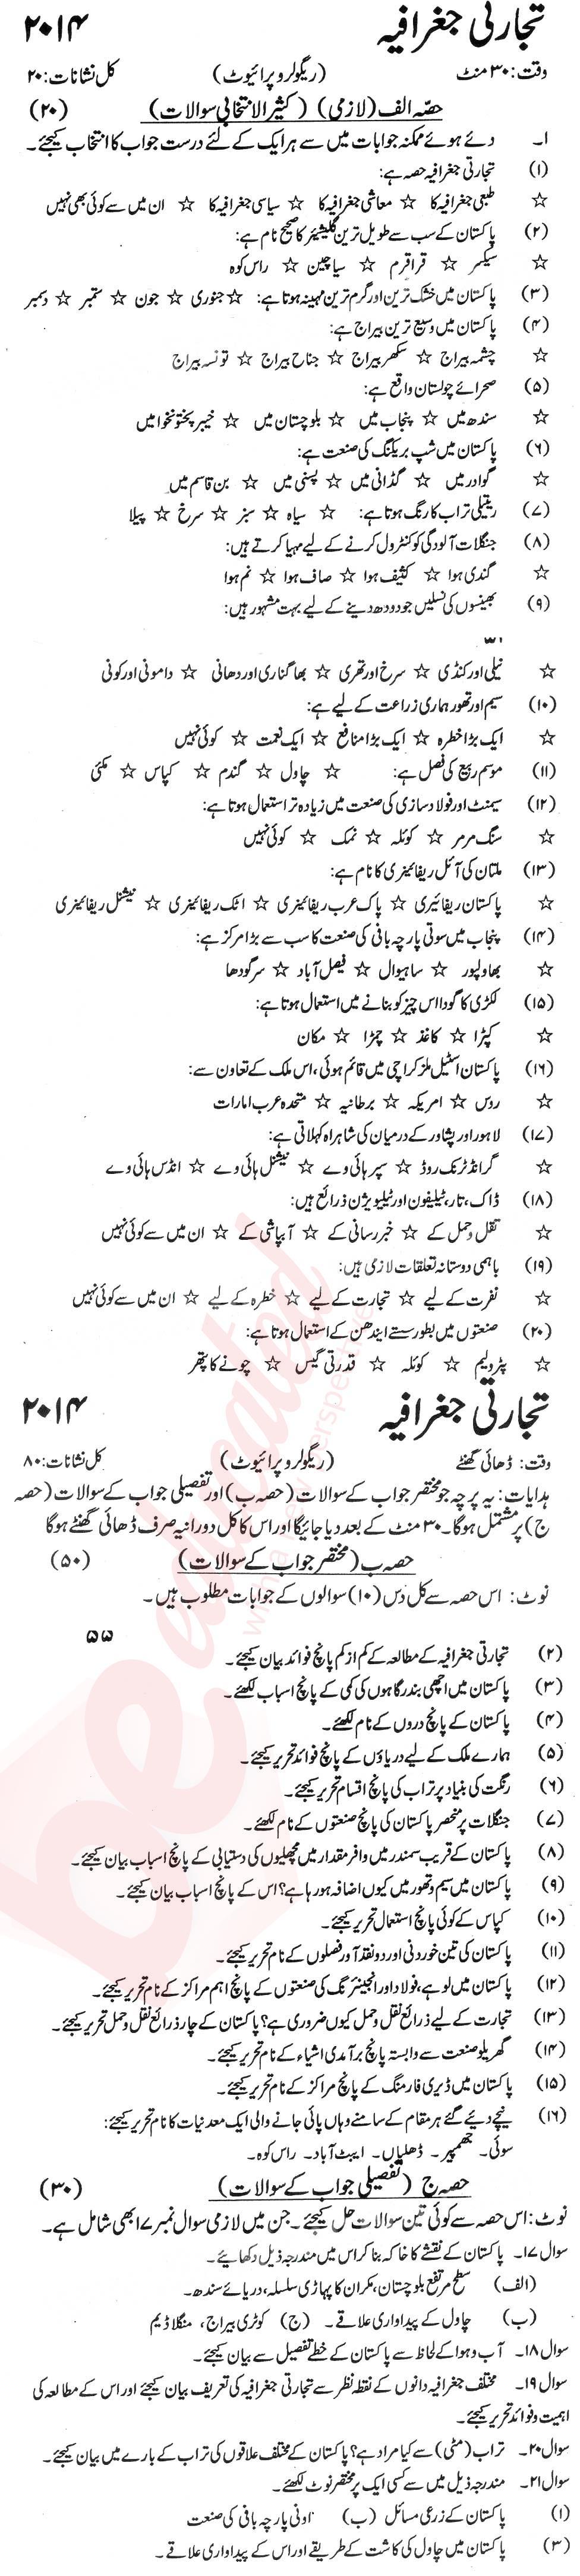 Urdu Medium Notes